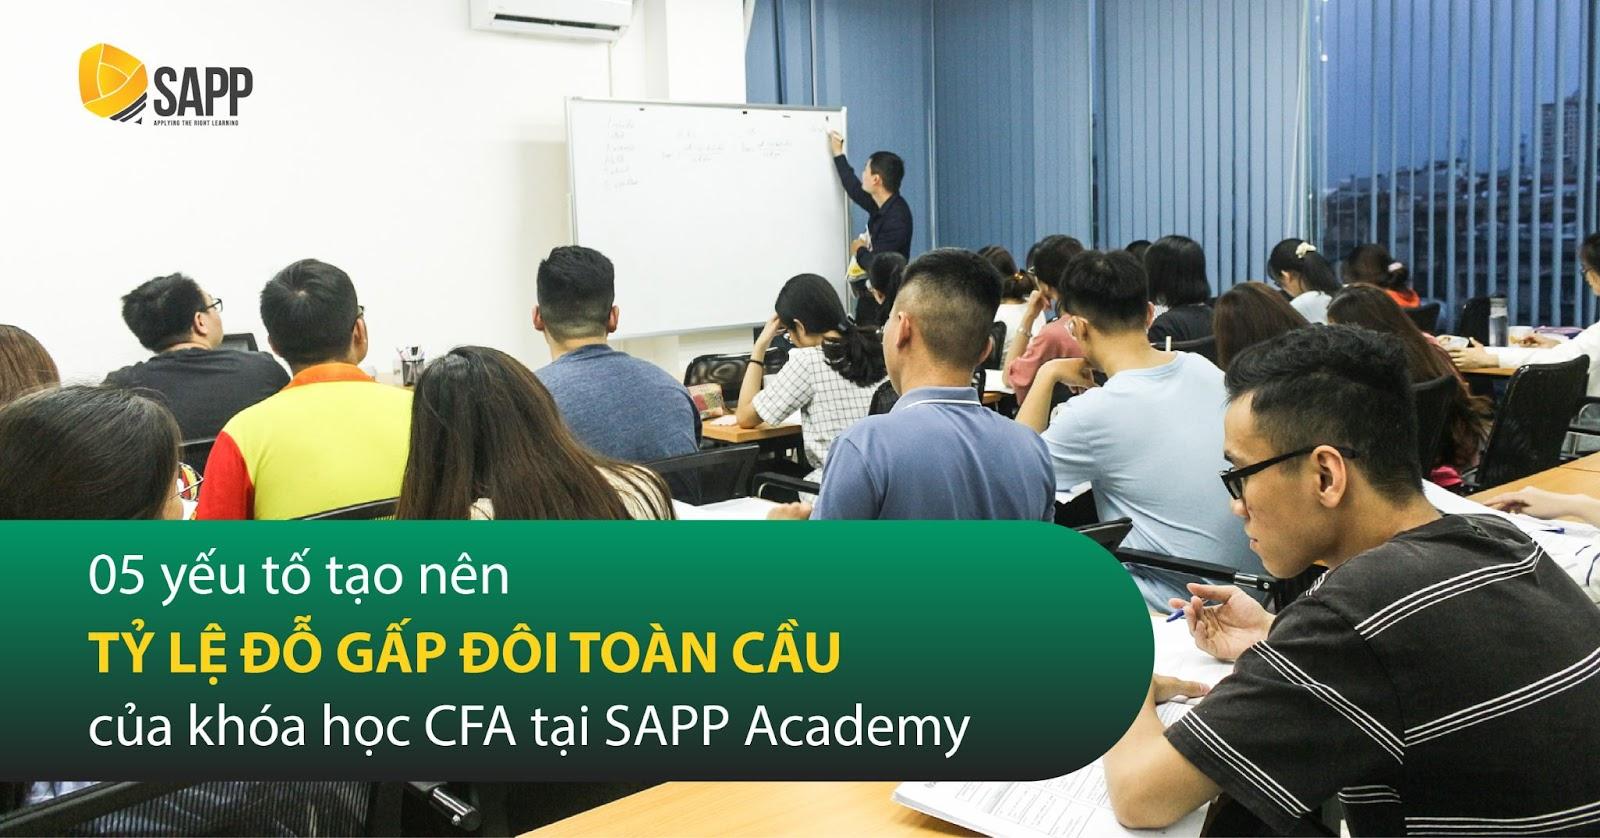 5 Yếu Tố Tạo Nên Tỷ Lệ Đỗ Gấp Đôi Toàn Cầu Của Khóa Học CFA Tại SAPP Academy